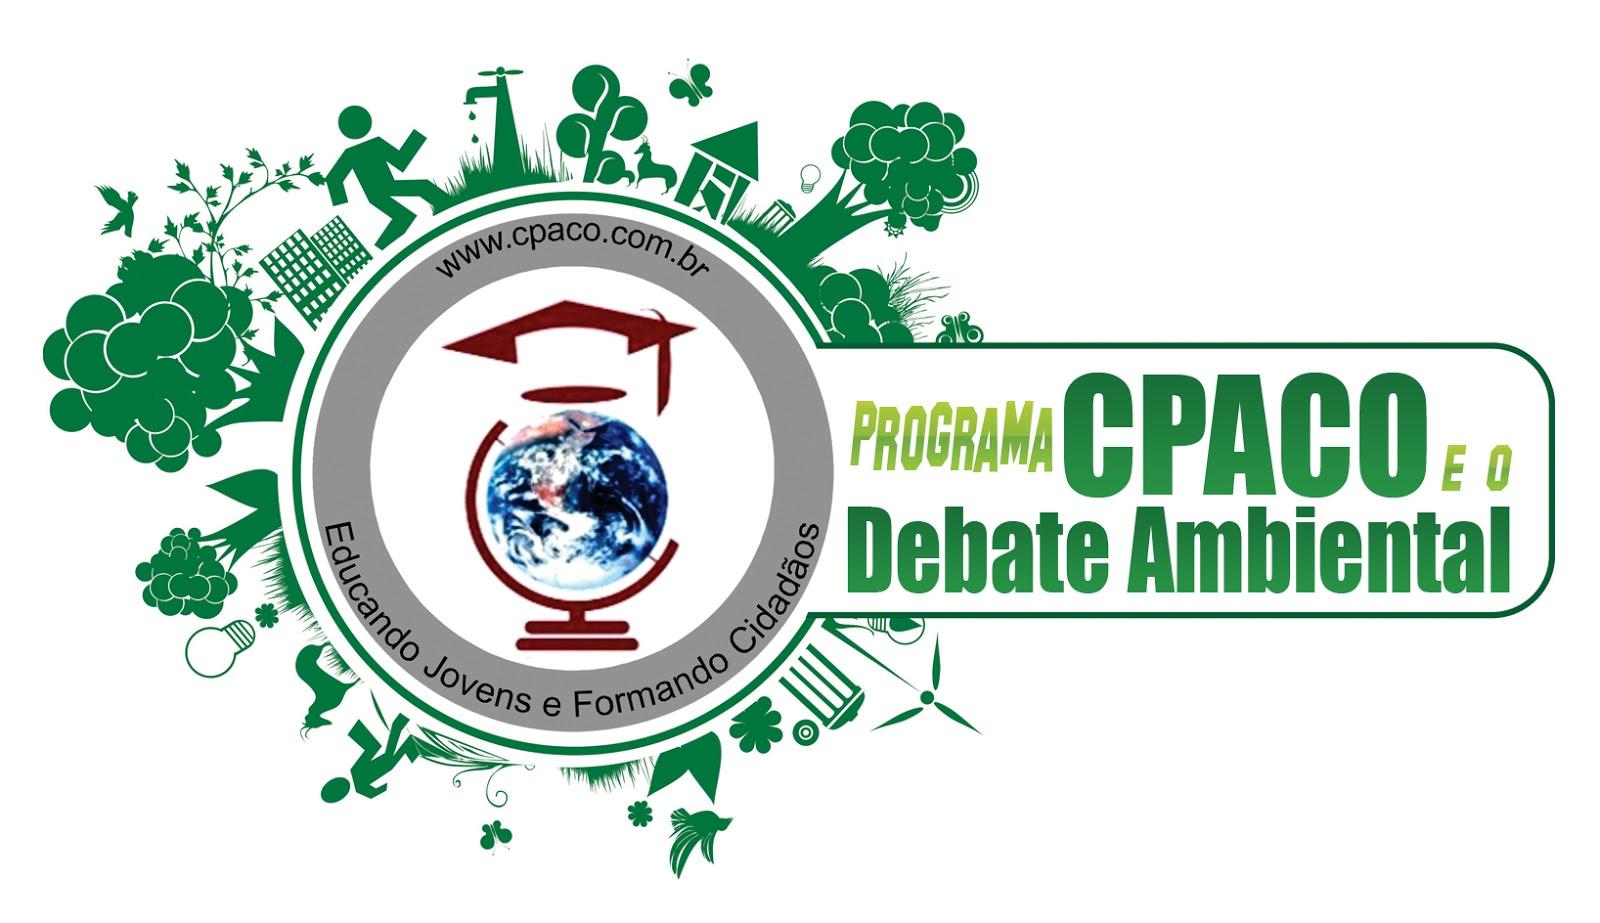 Debate Ambiental